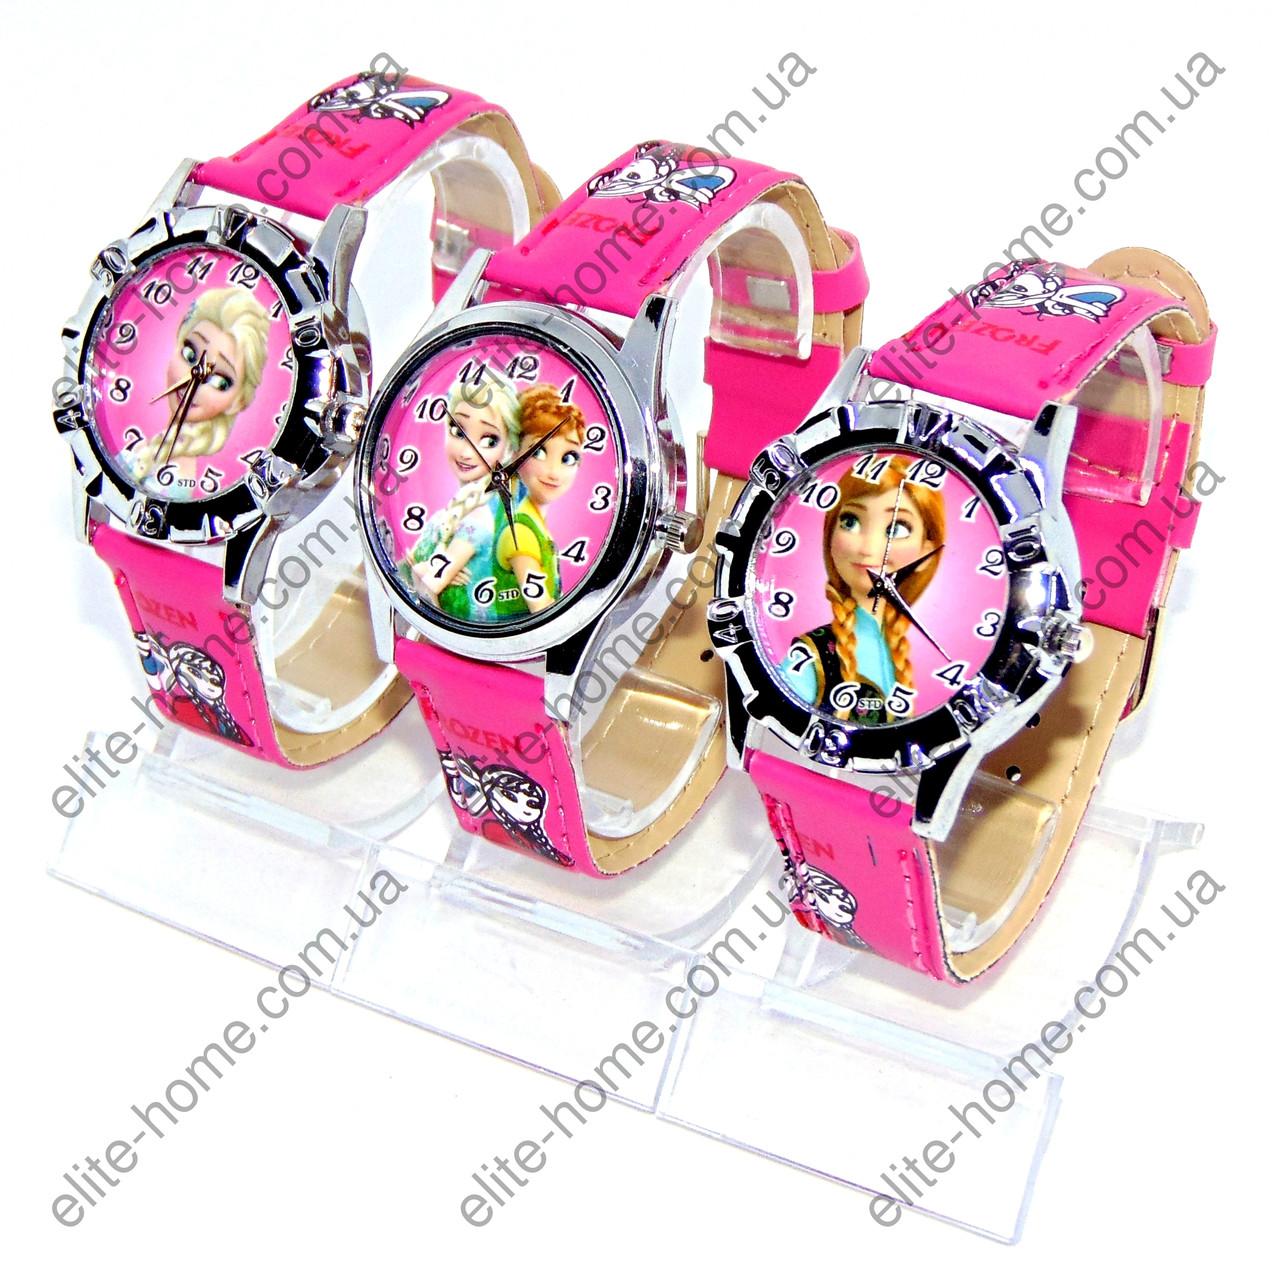 """Дитячі наручні годинники """"Холодне серце"""" в подарунковій упаковці (малиновий ремінець, 2вида)"""